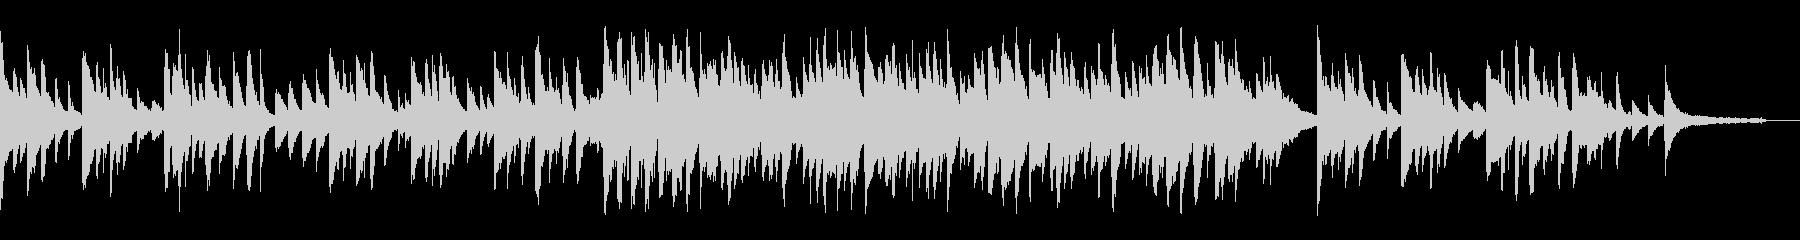 琴とピアノのしっとりと切ないBGMの未再生の波形